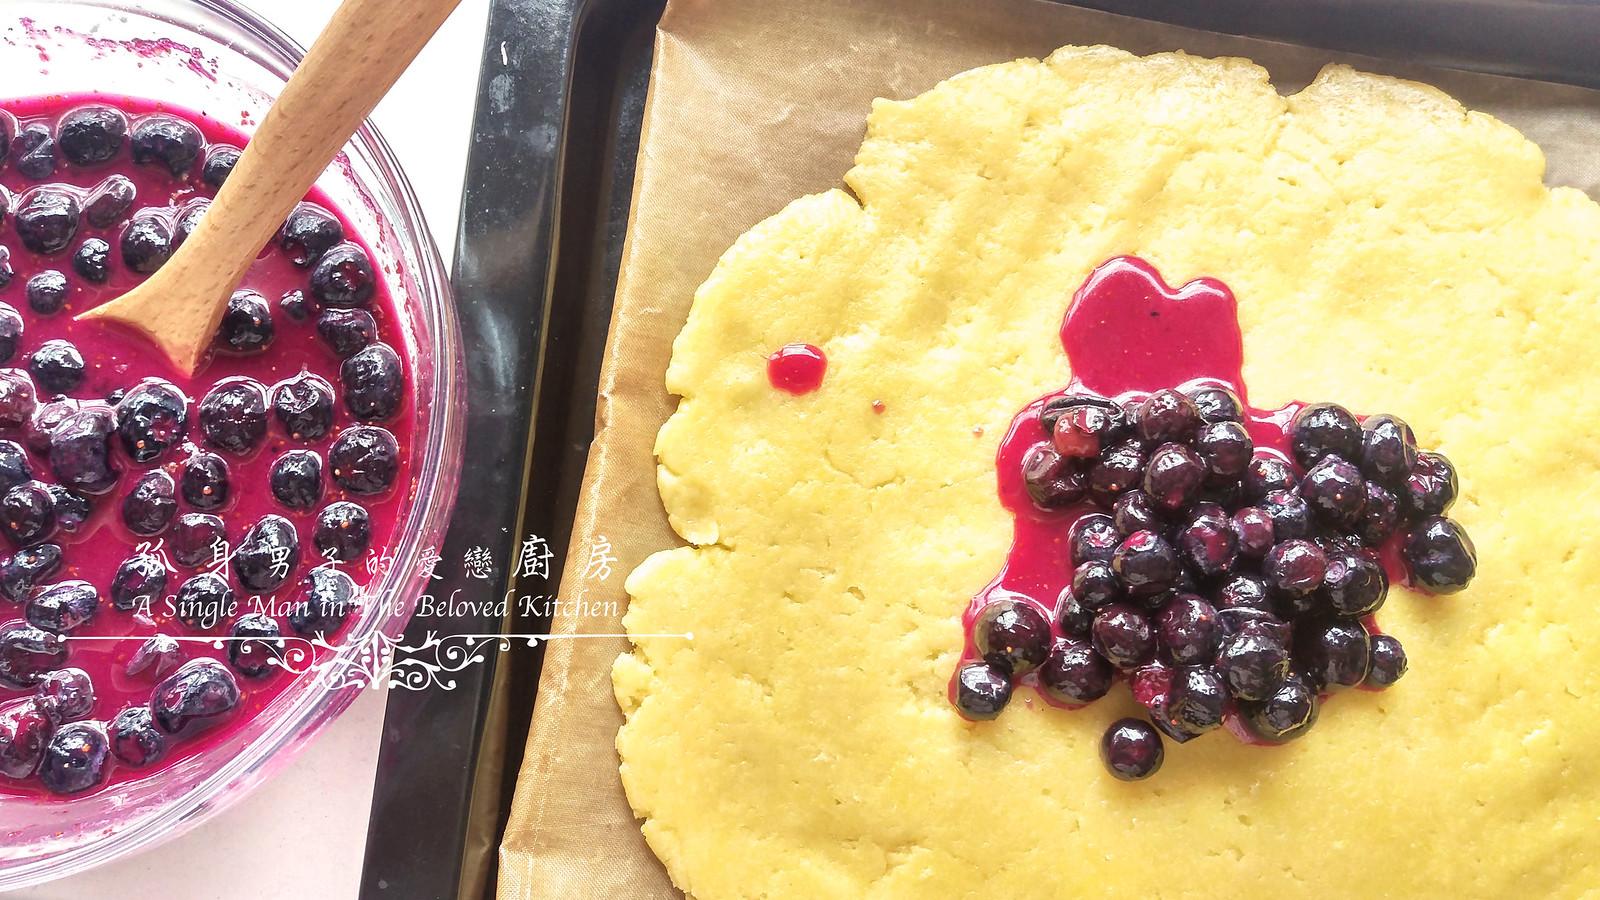 孤身廚房-藍莓甜桃法式烘餅Blueberry-Nectarin Galette19